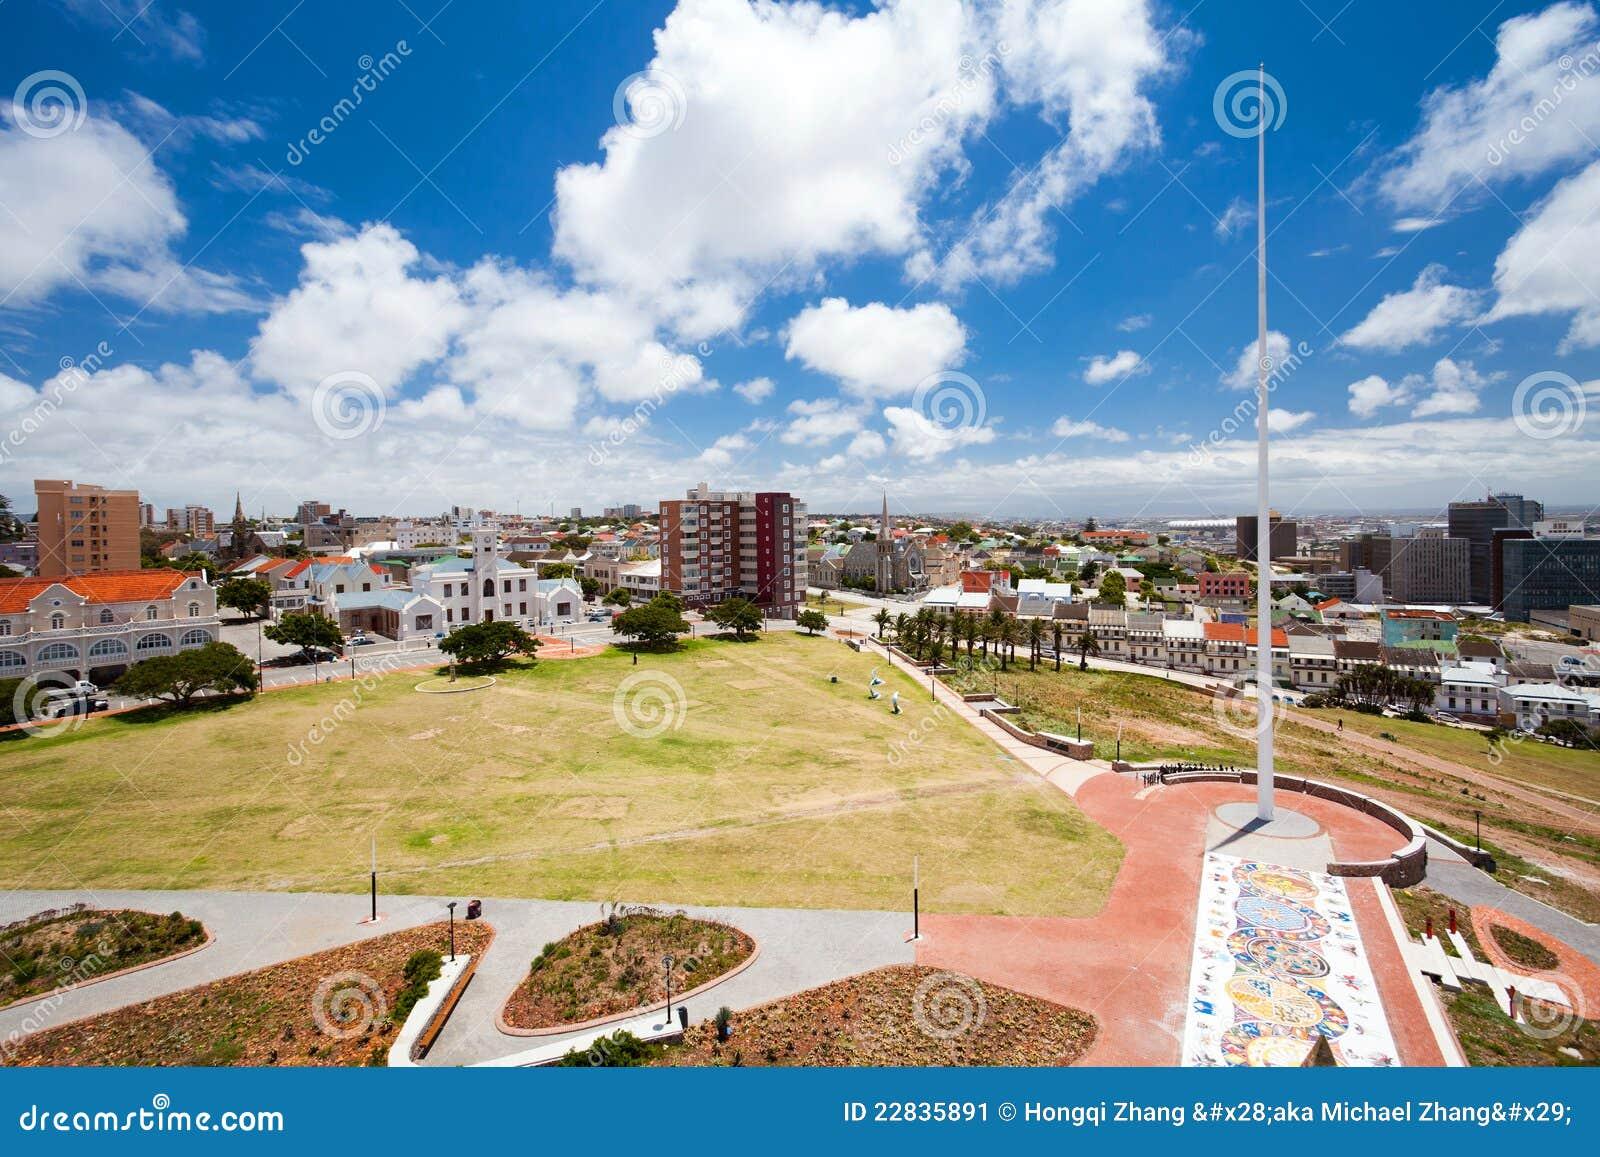 Stadtbild von Port Elizabeth